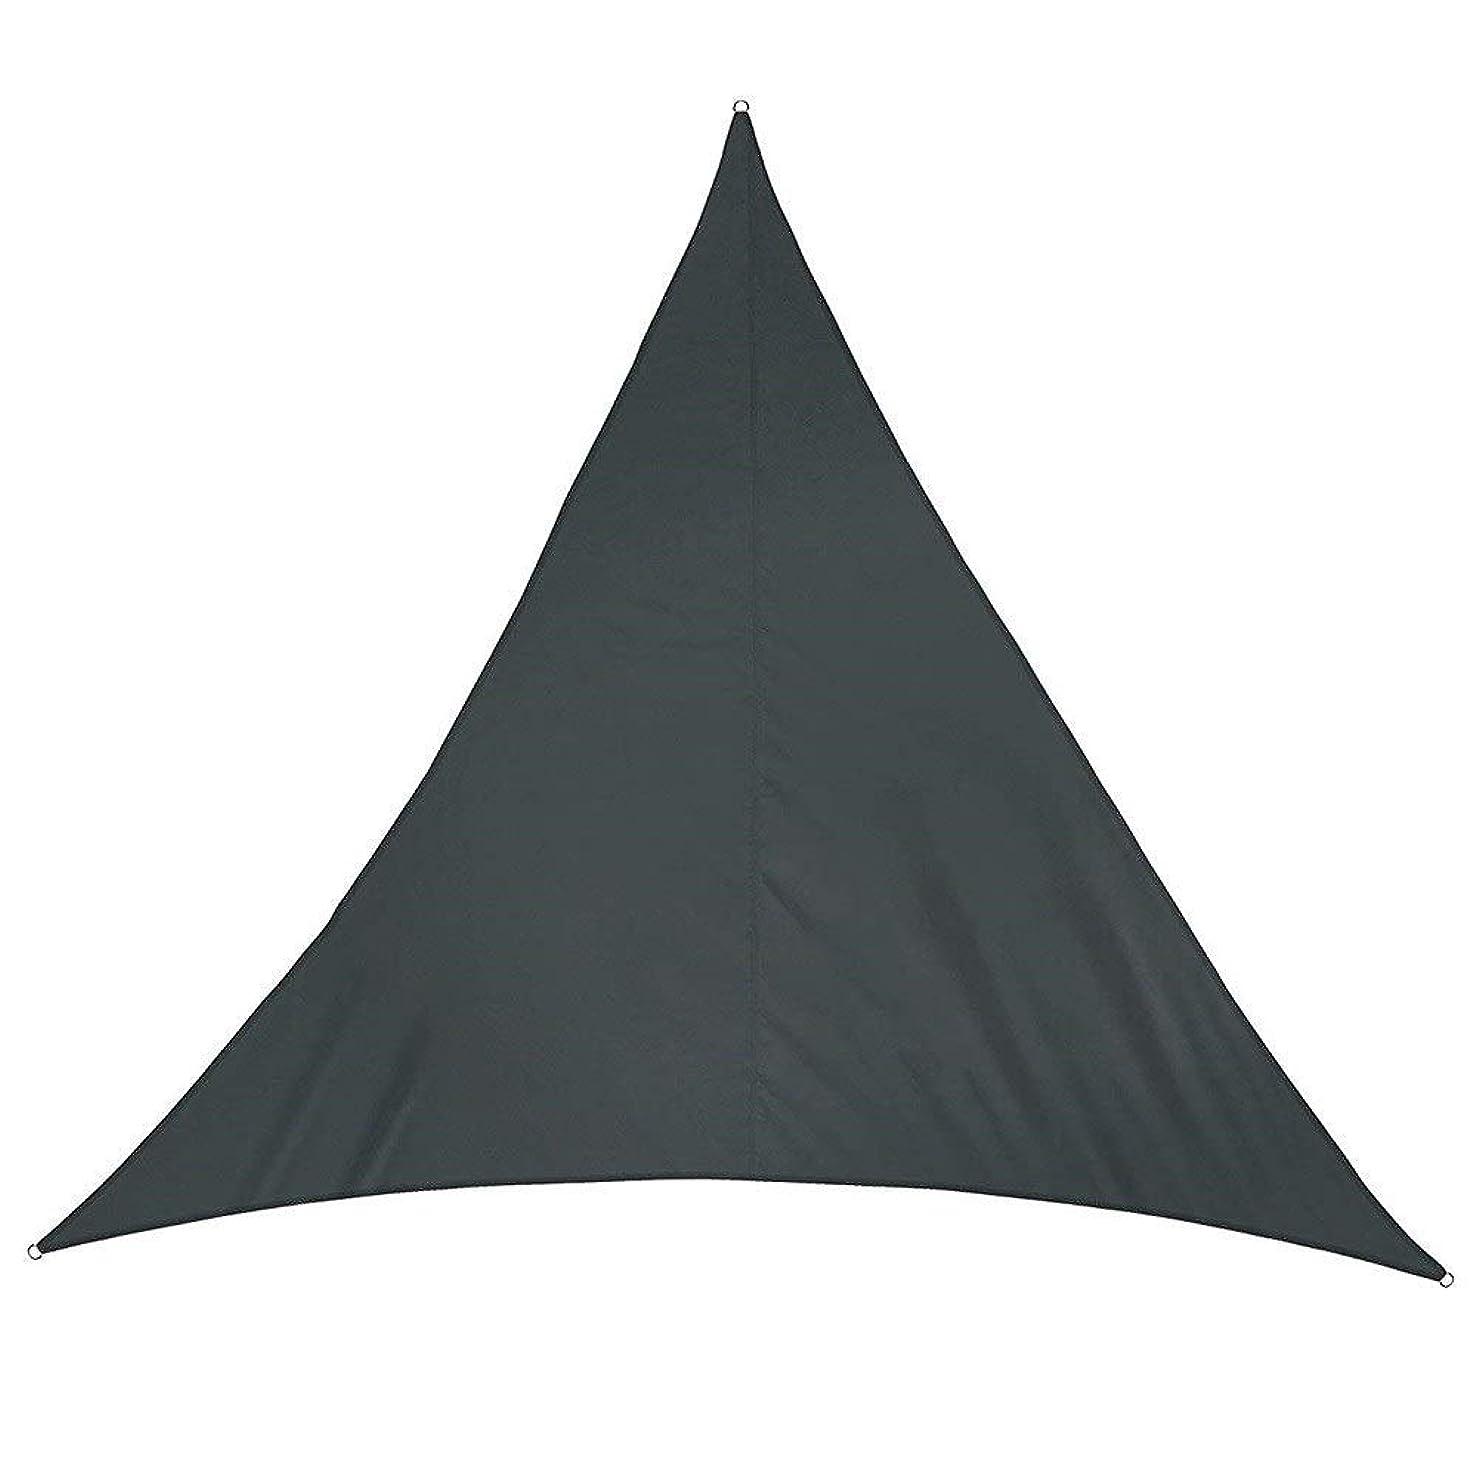 迅速不変チェリーFQJYNLY シェードセイル95%UVカット防水三角形ファイバD型プルリング庭園ティールーム、7色、5サイズ (Color : Black, Size : 4x4x4m)